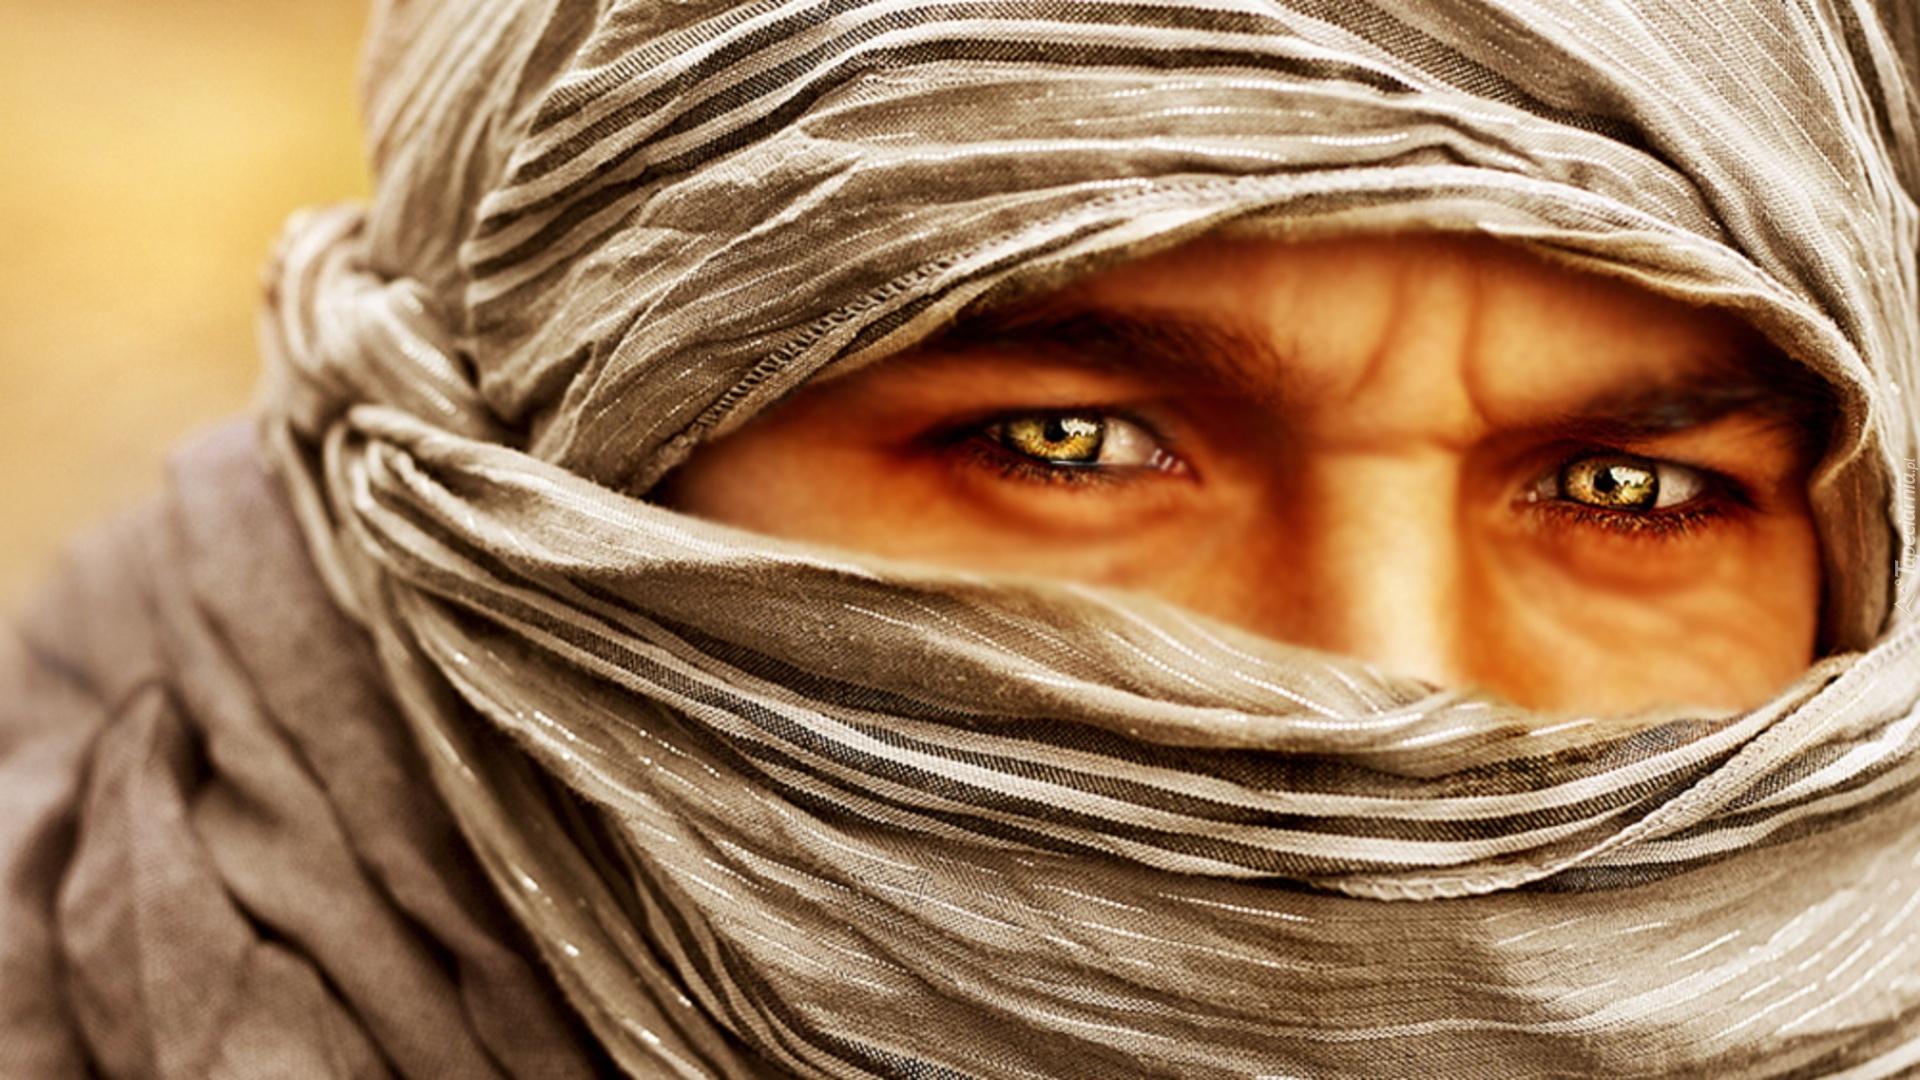 глаза араба